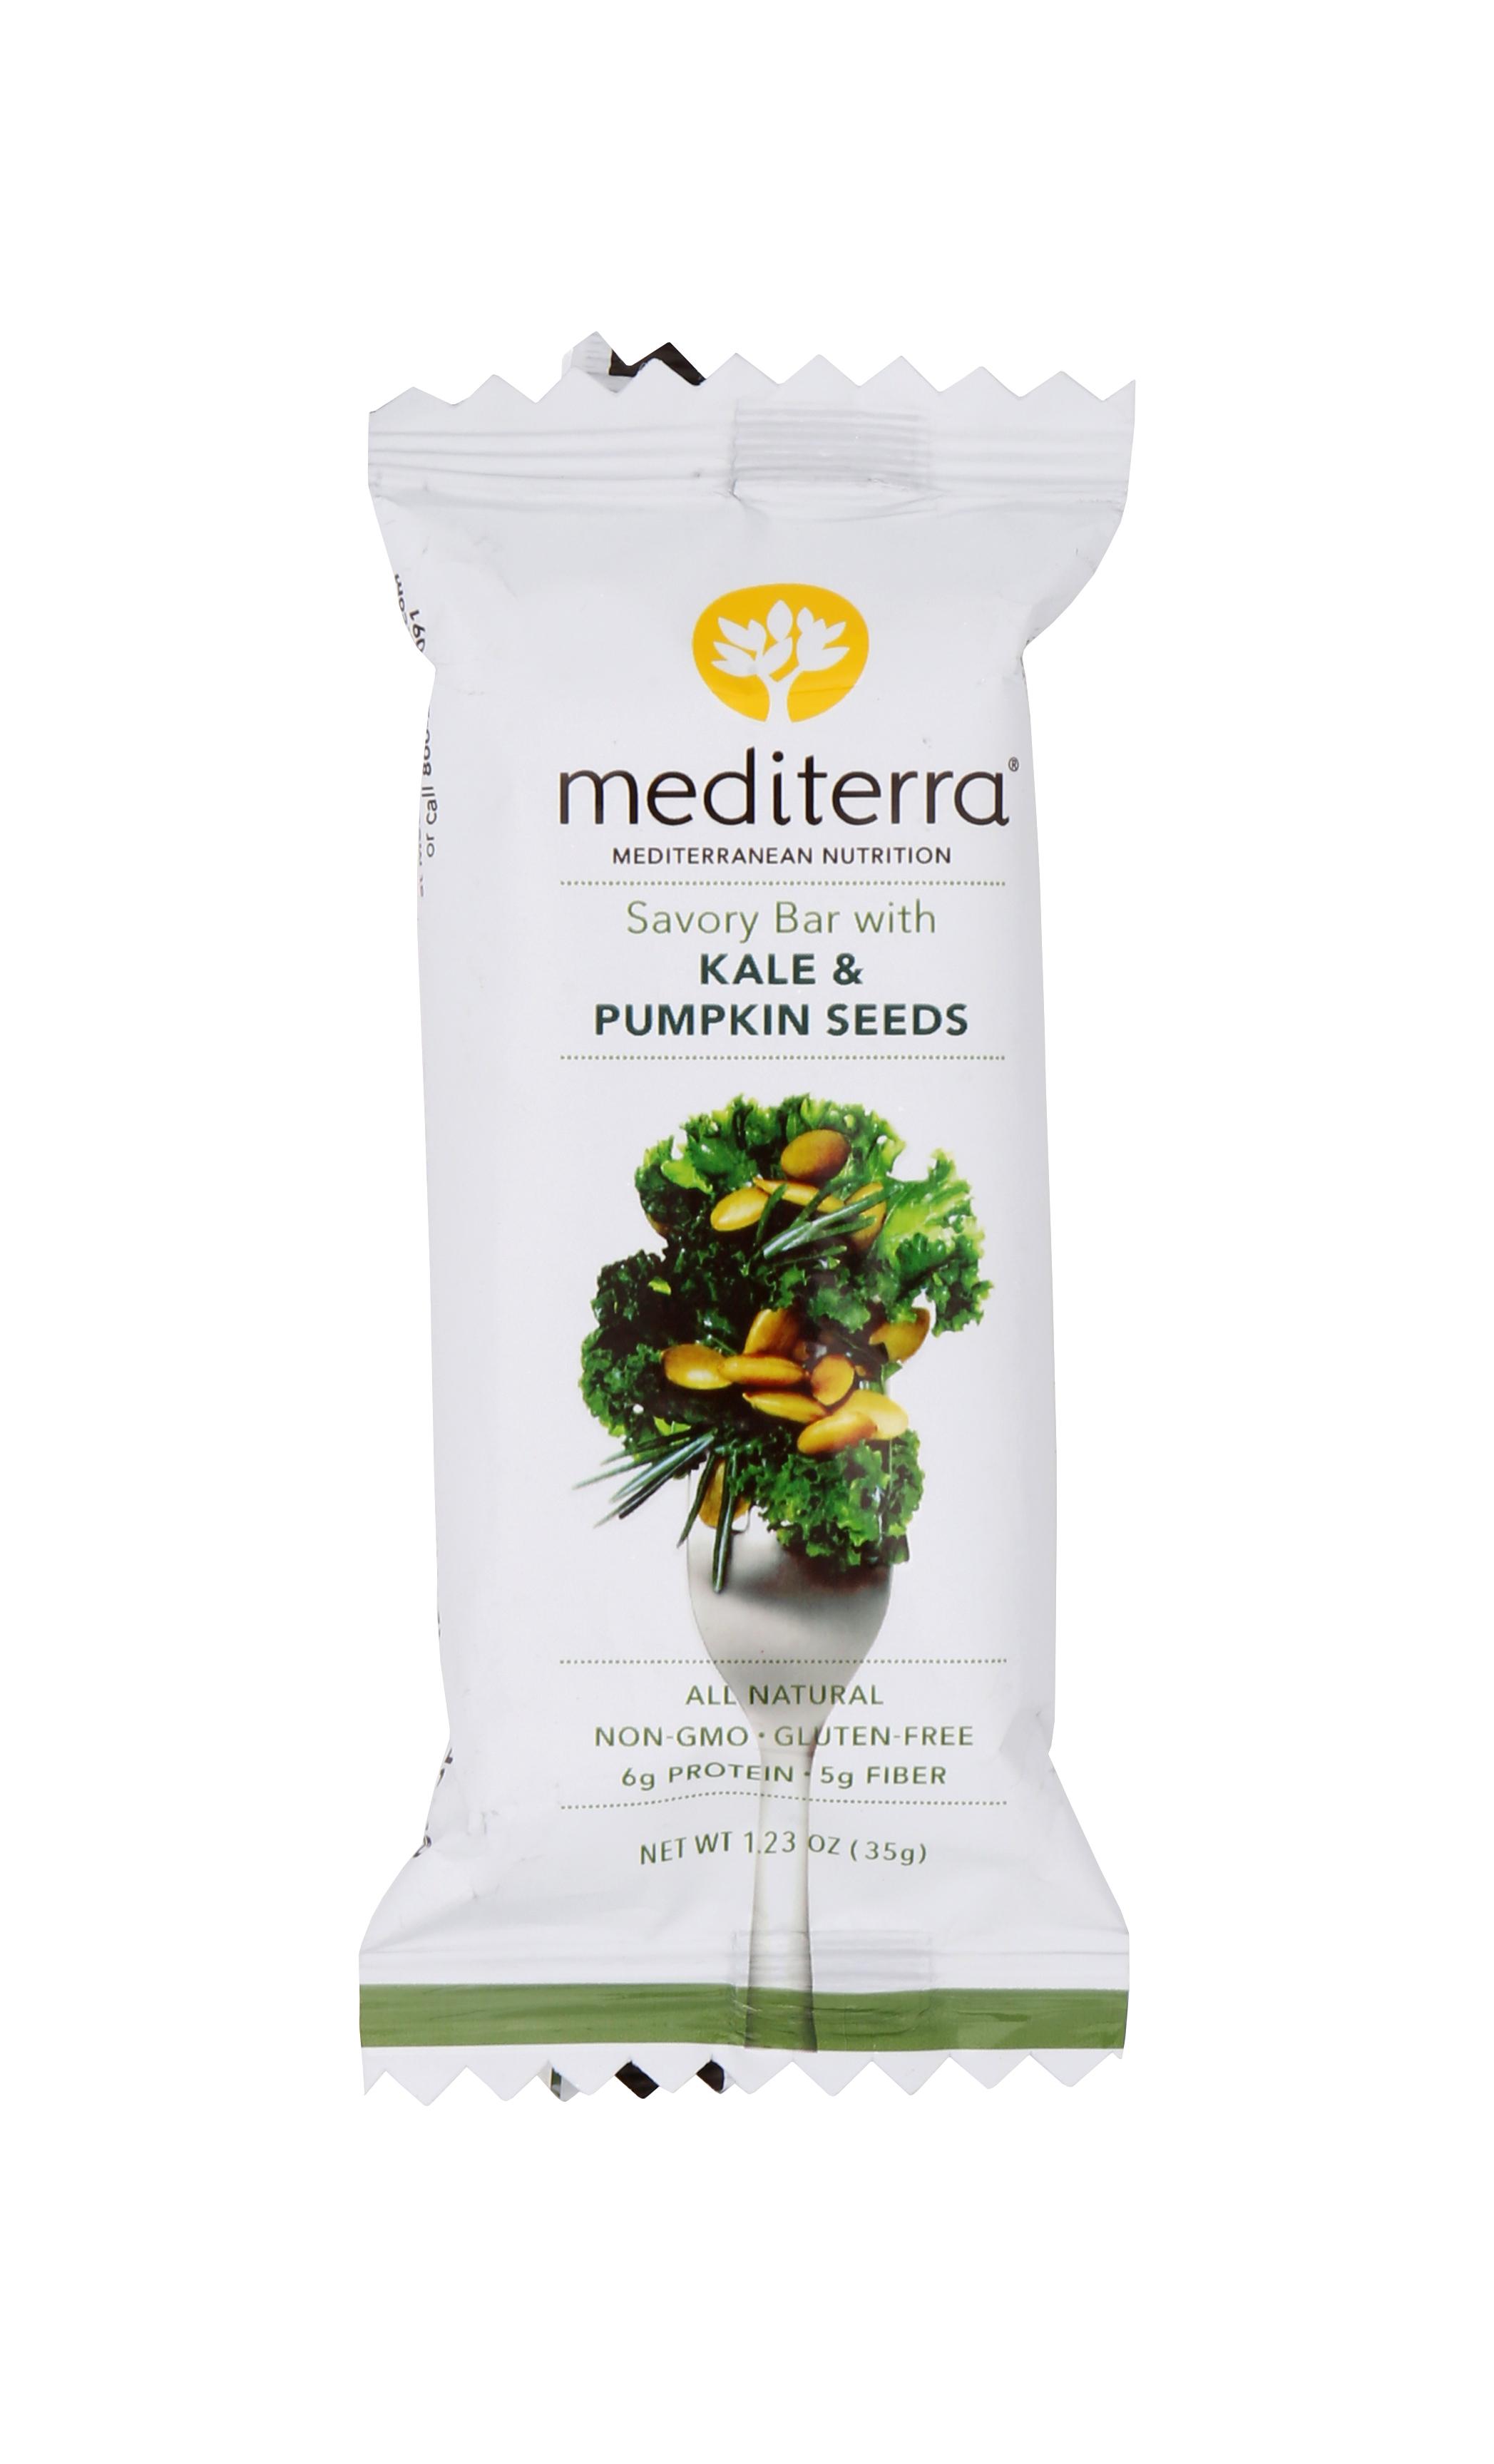 Kale & Pumpkin Seeds